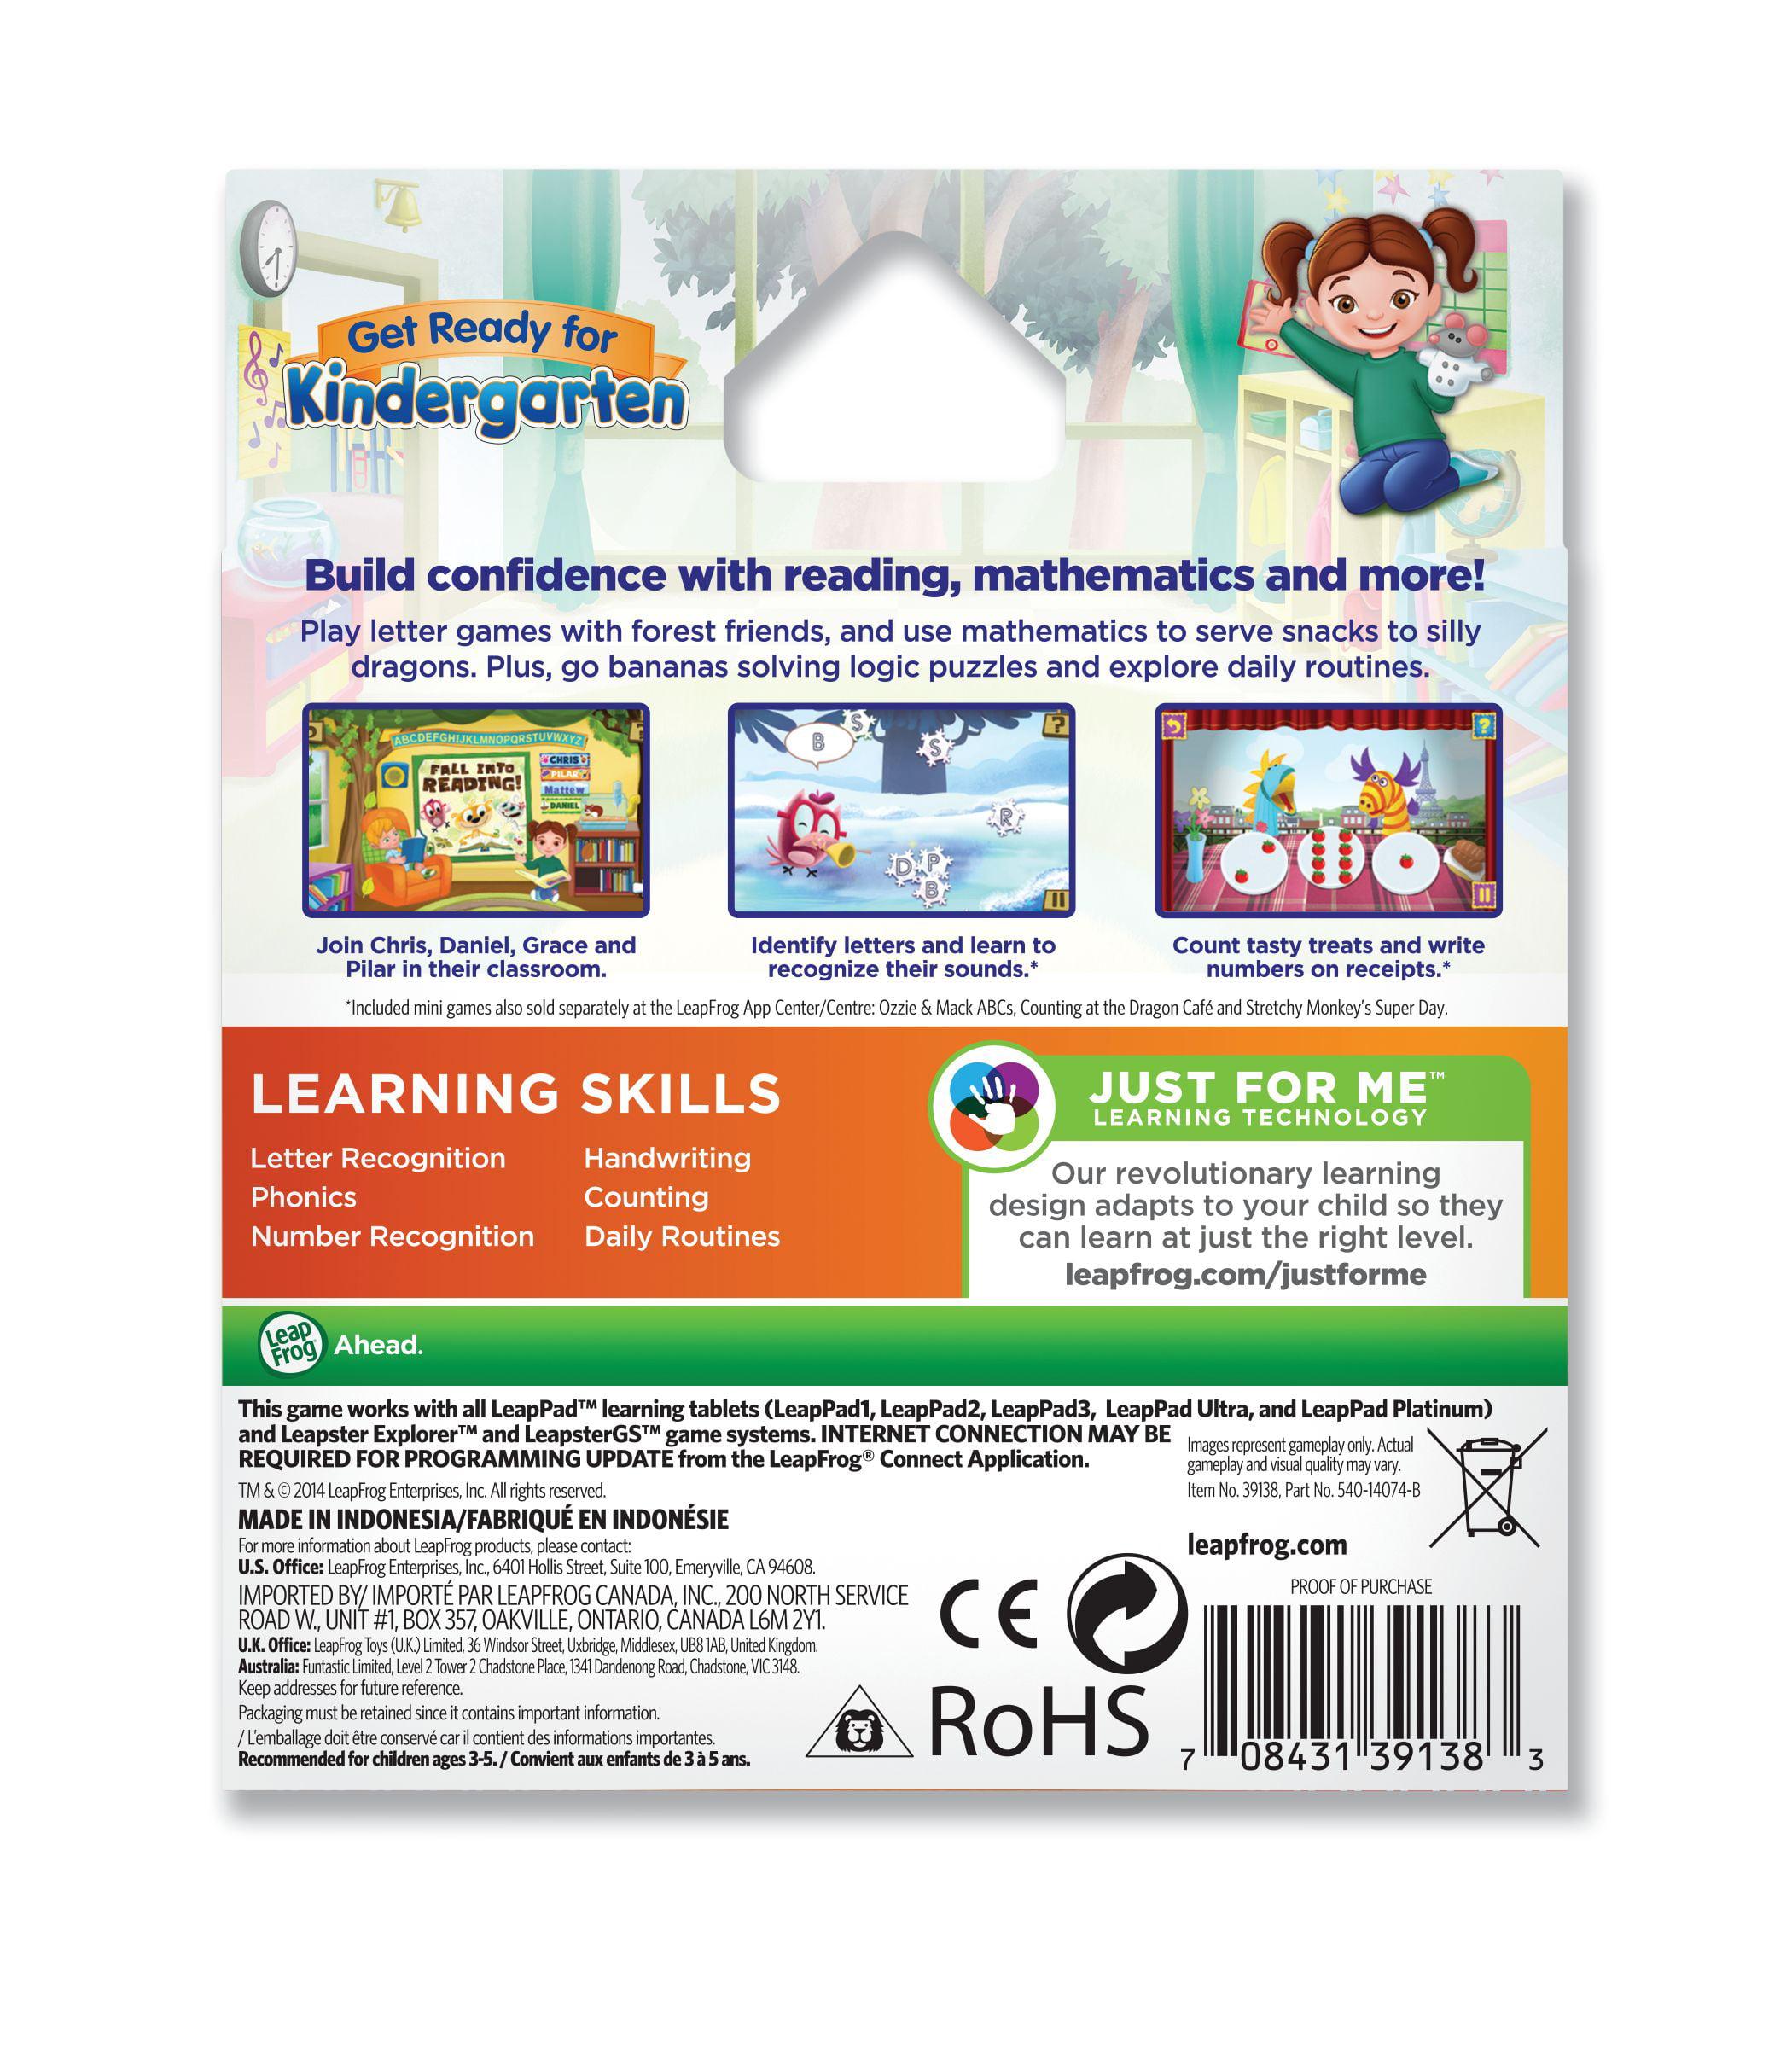 LeapFrog Get Ready for Kindergarten Learning Game Pack